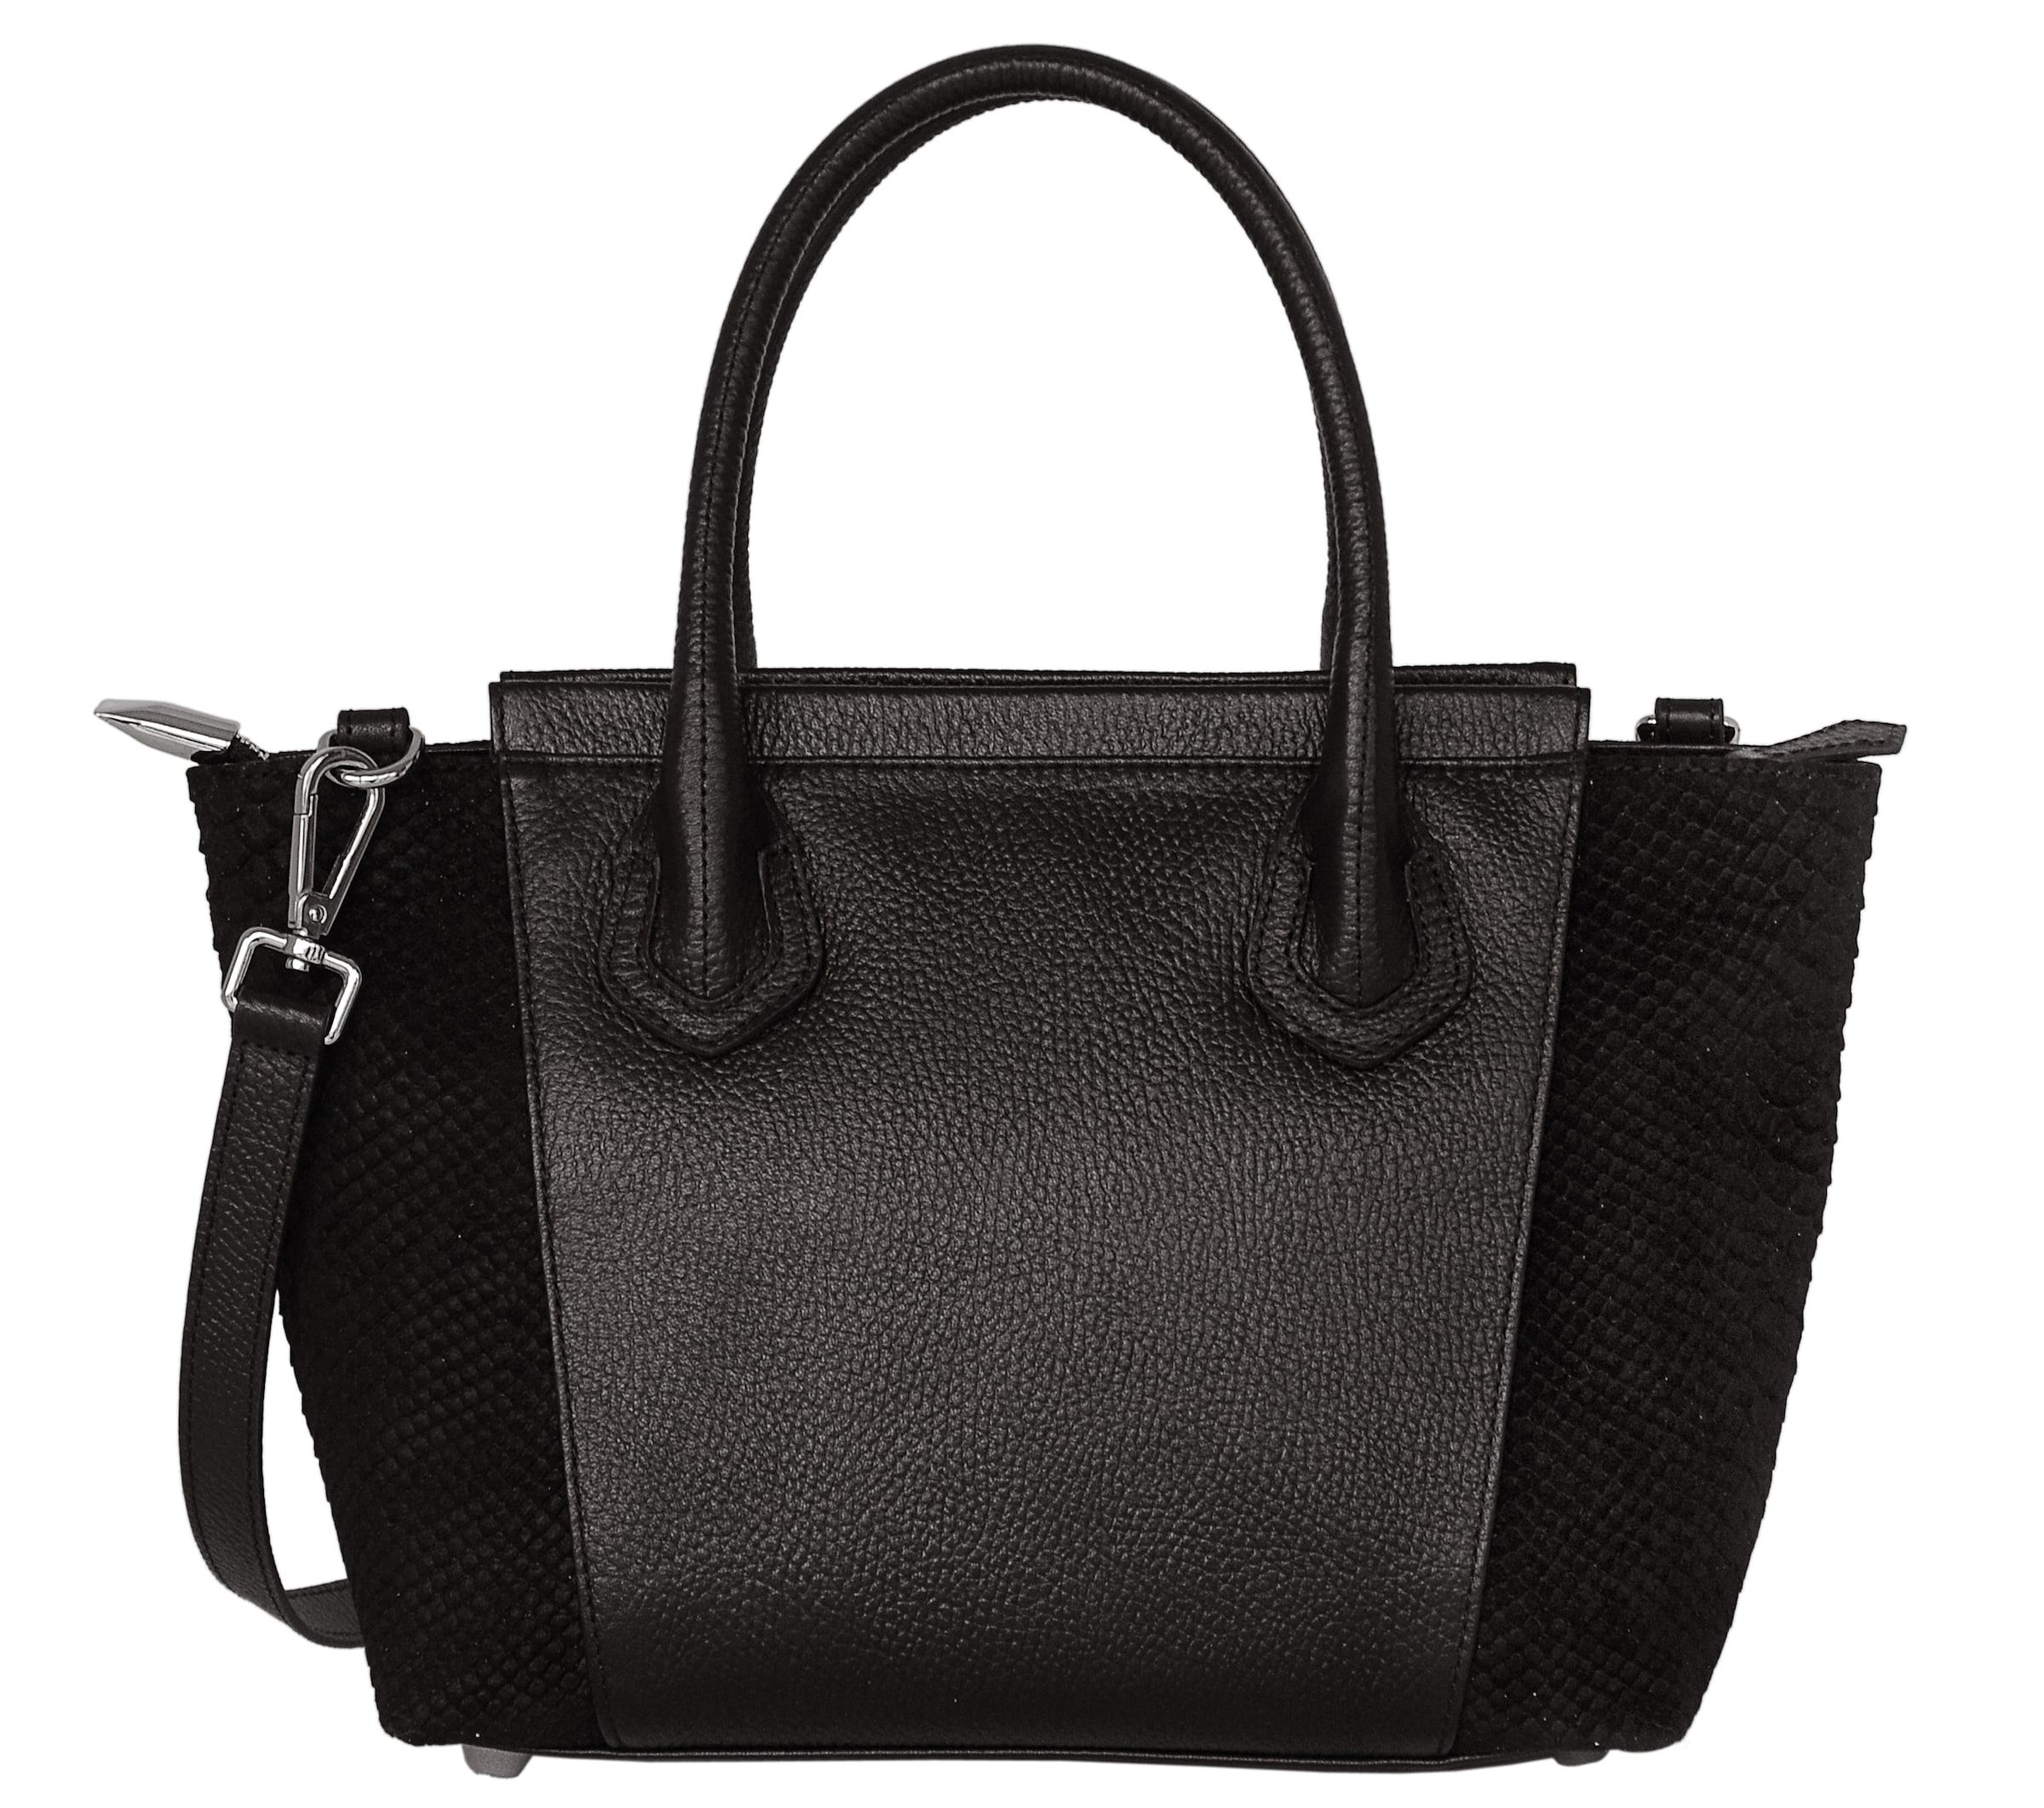 Handtasche Handtasche In Silvio Tossi Schwarz Silvio Tossi sQxthdCr